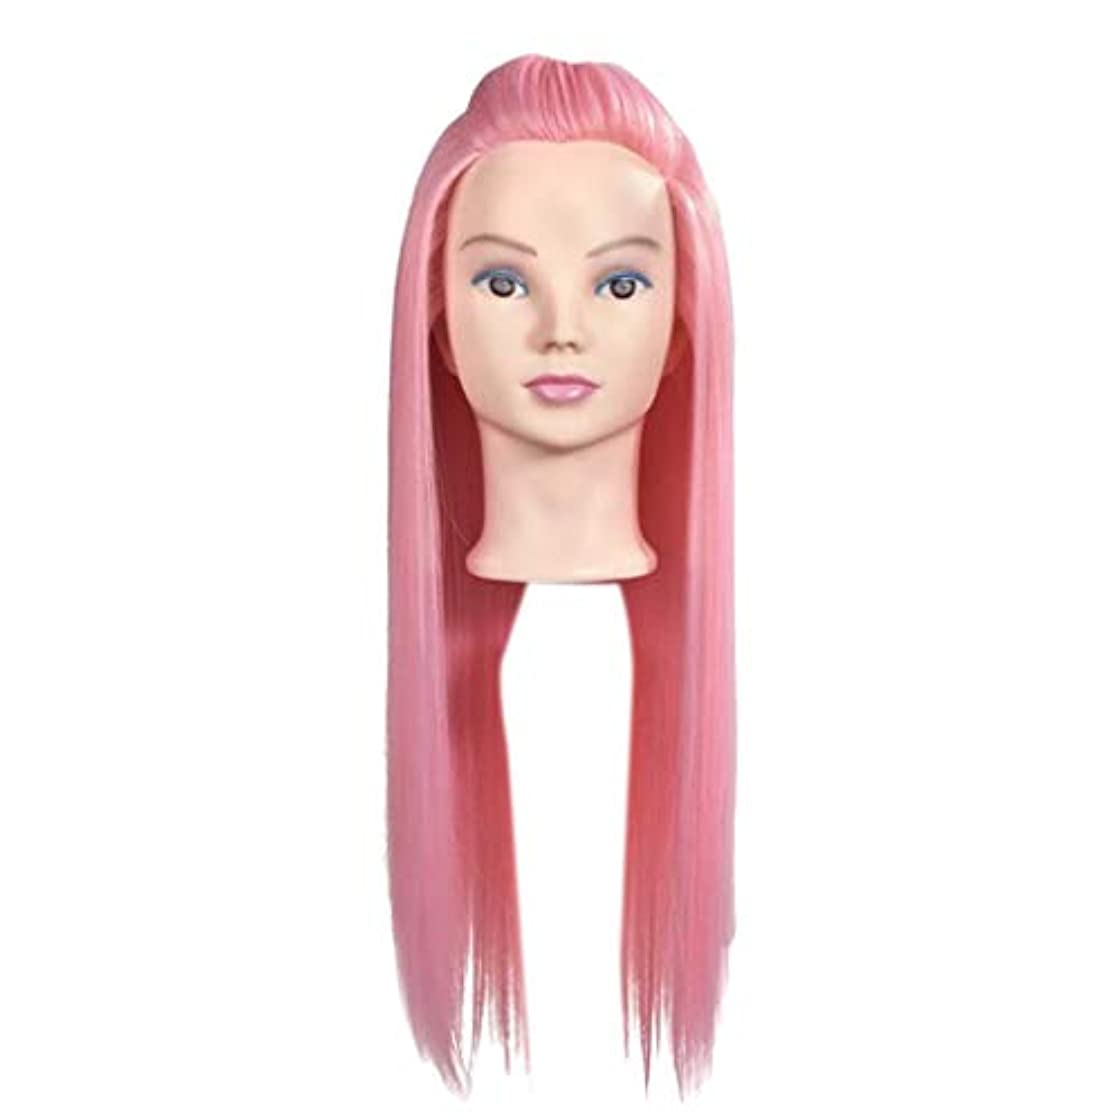 費用いわゆる寝室を掃除するToygogo 23インチピンク美容化粧顔マネキンマネキンヘッド髪、サロンスタイリング練習組紐人形頭合成髪